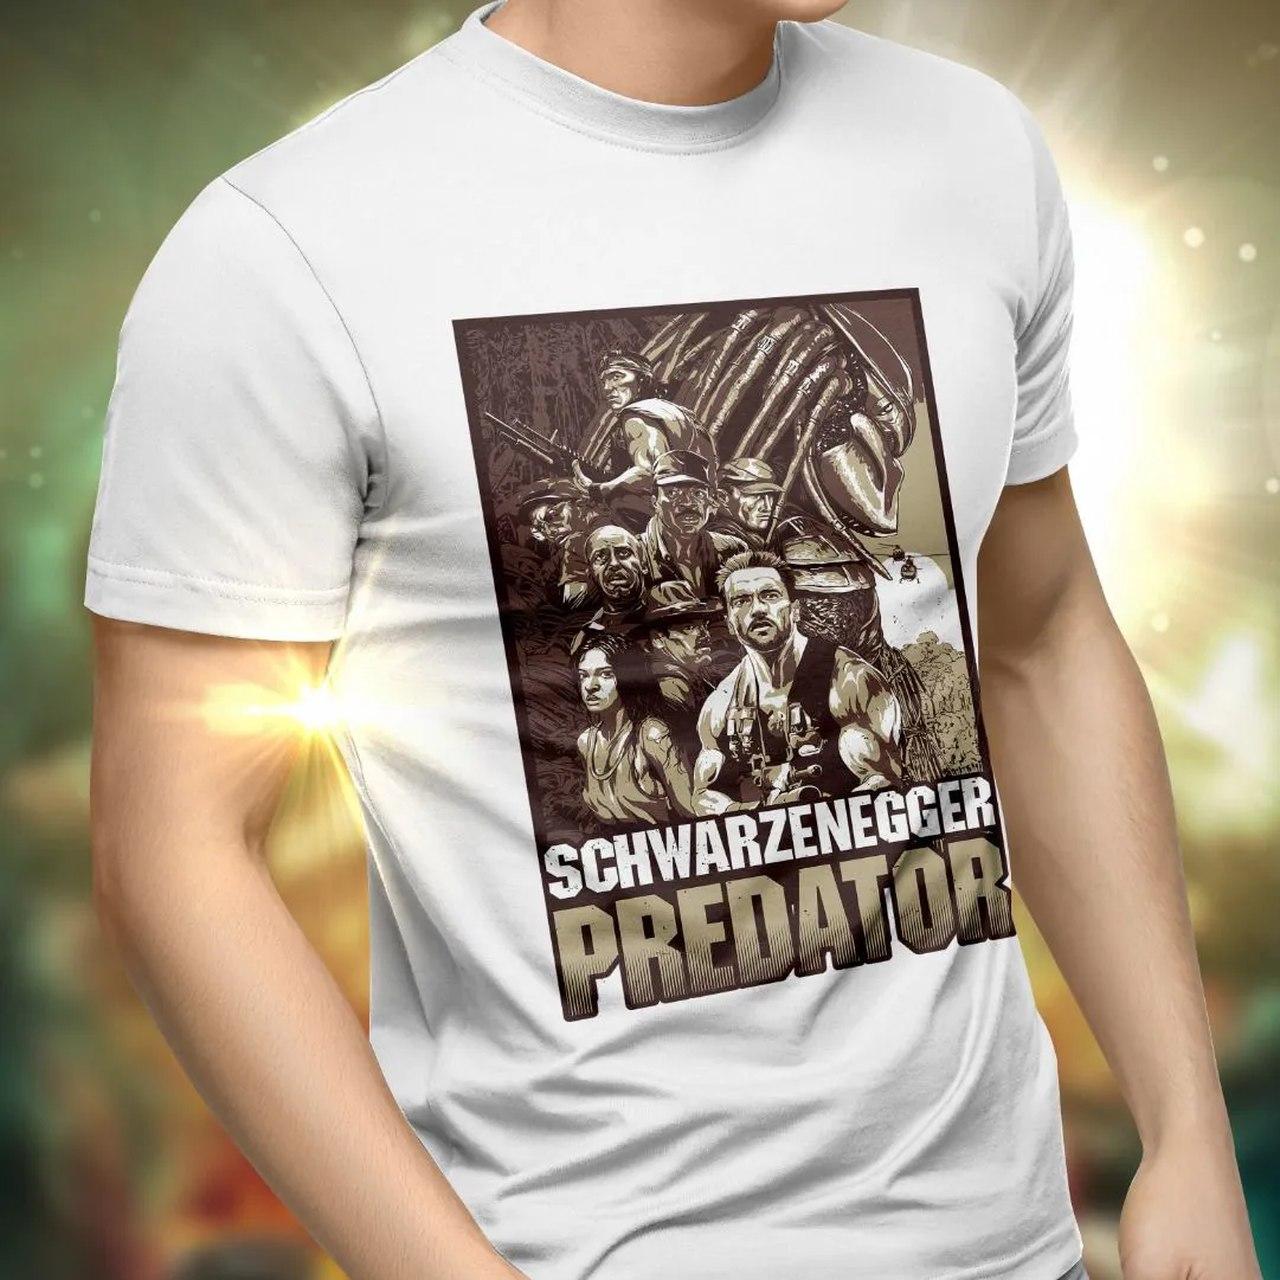 Camiseta Unissex O Predador (Predator) - GG